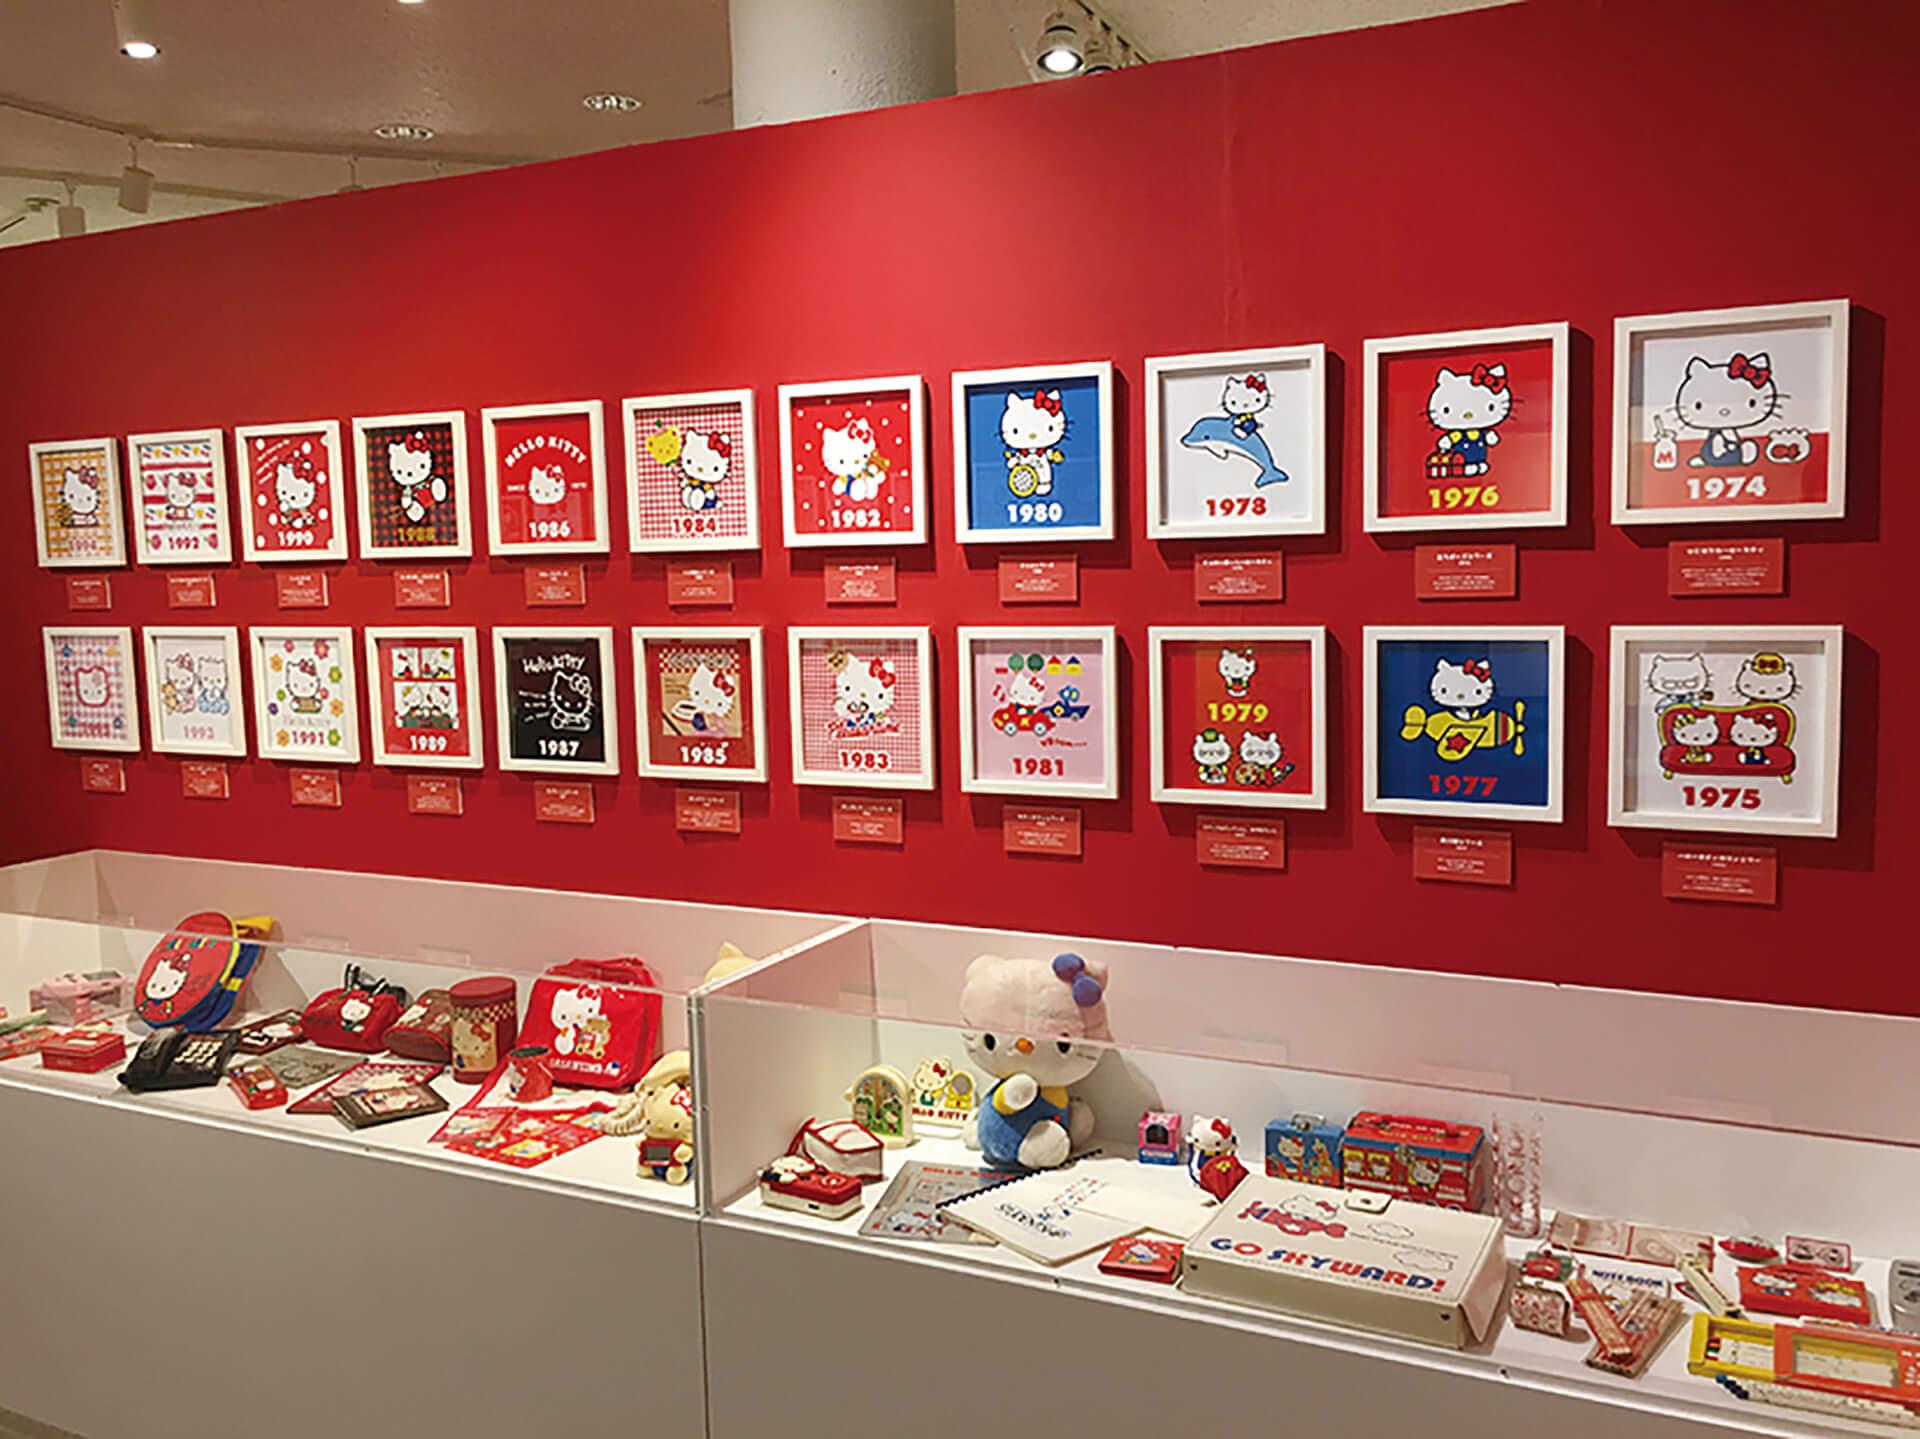 この写真はかわいいのヒミツ展の1コーナー、HELLO KITTY45周年記念コーナーの歴代グッズ展示パネル